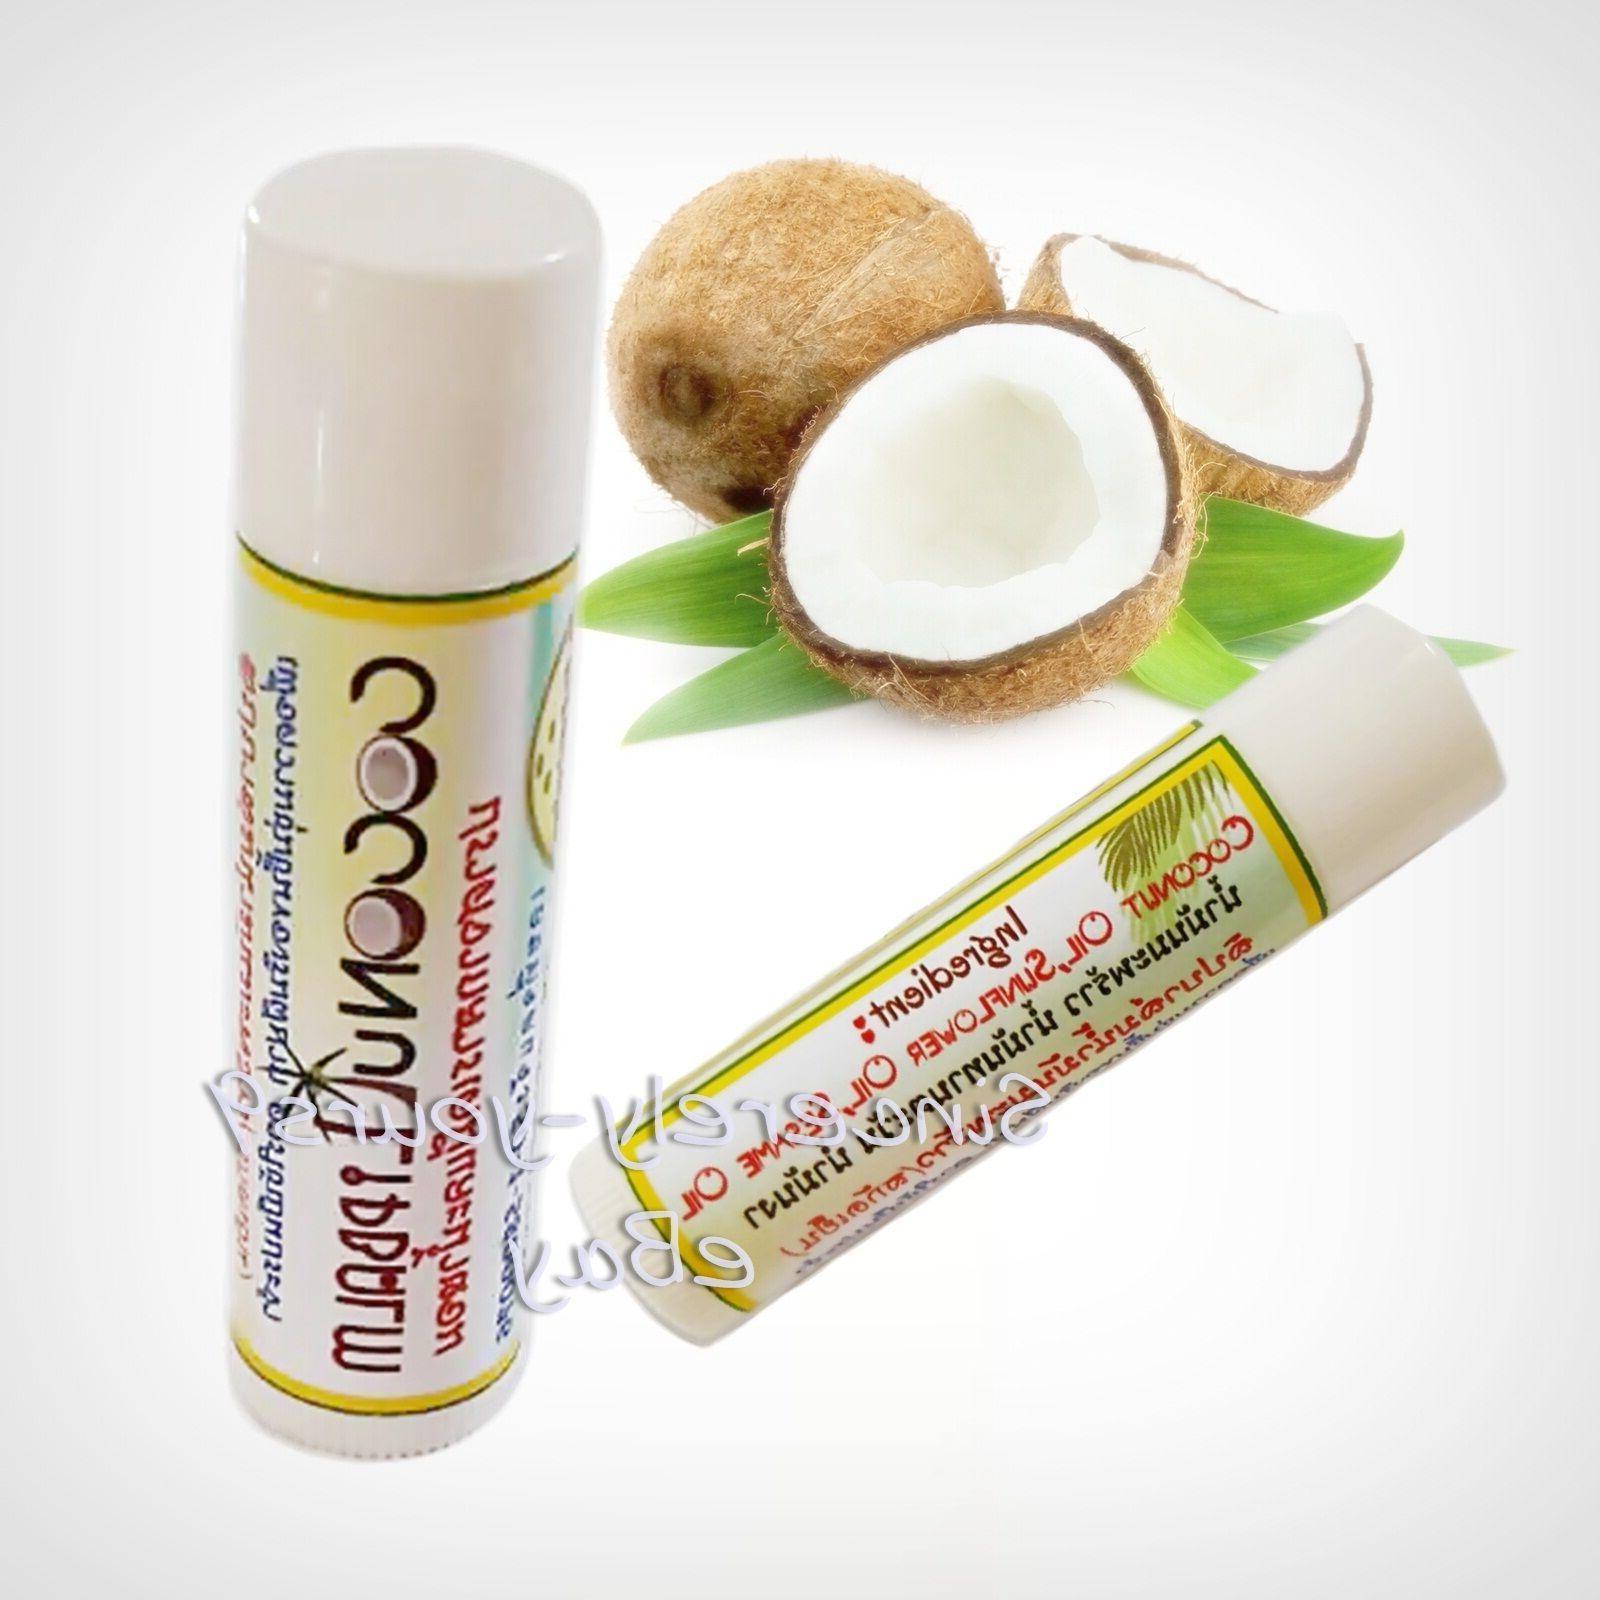 lip balm natural lipstick coconut oil extra